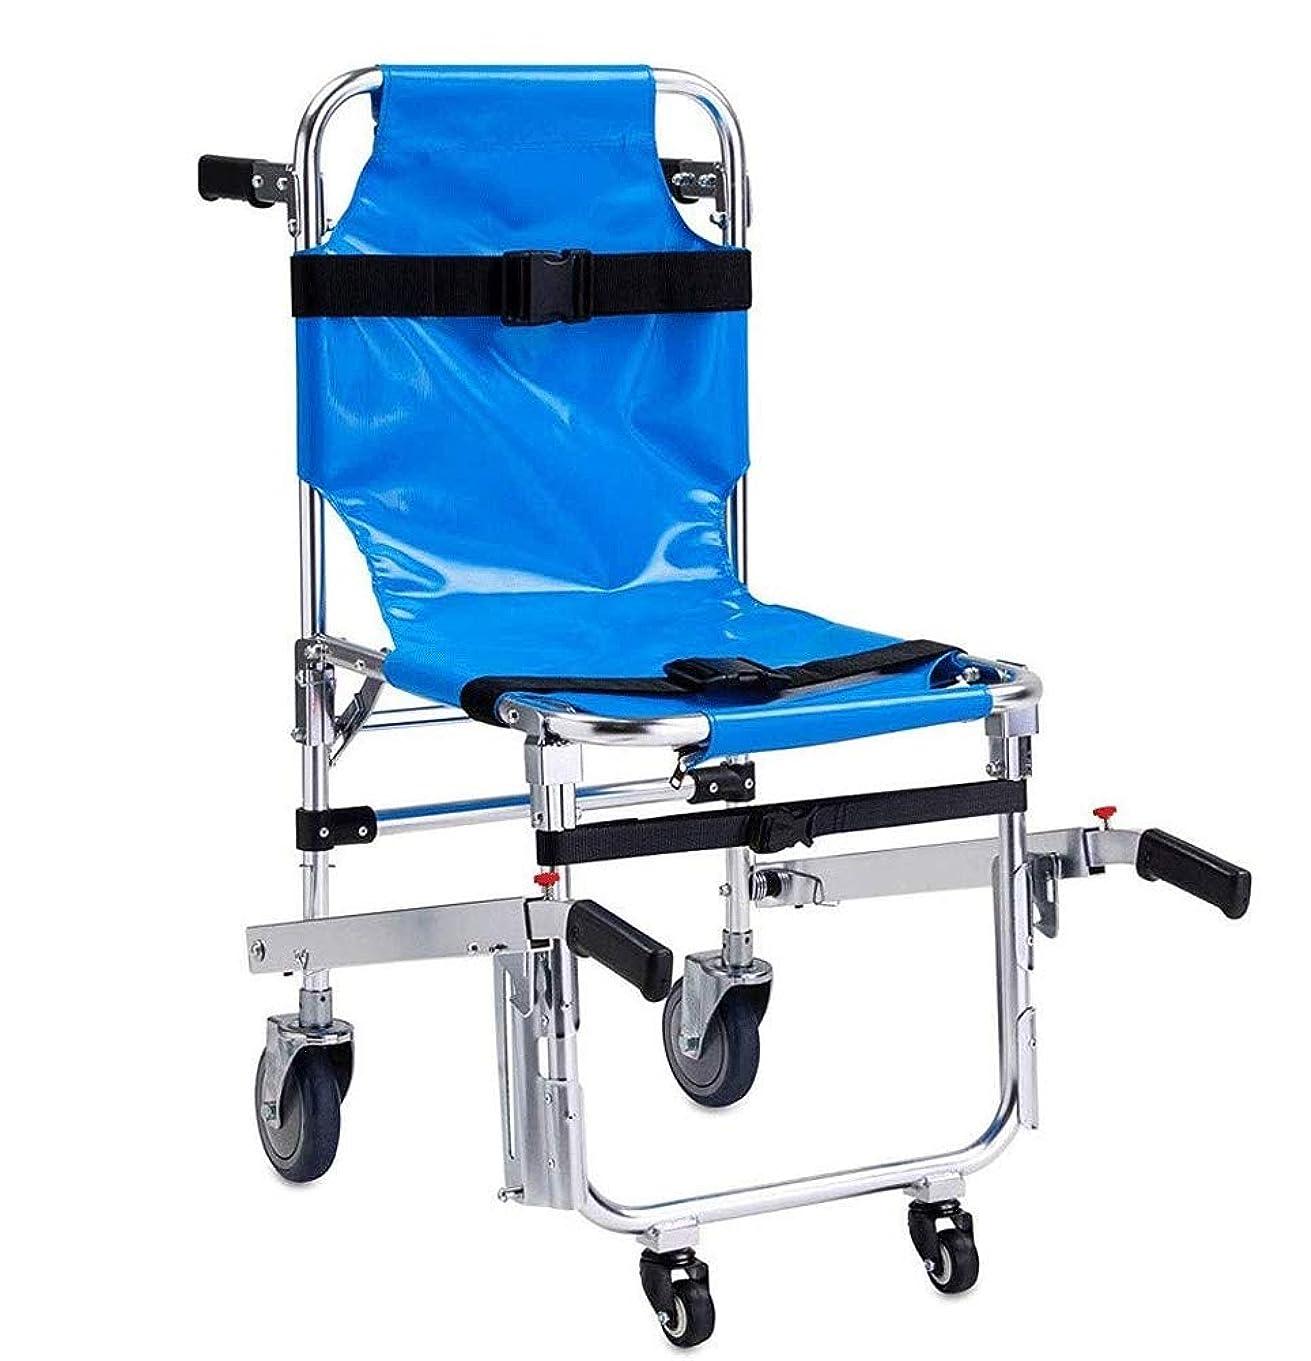 禁止十分にバケットEMS階段椅子、患者拘束ストラップと緊急4ホイール救急車消防士避難医療交通チェア、350ポンド容量、36